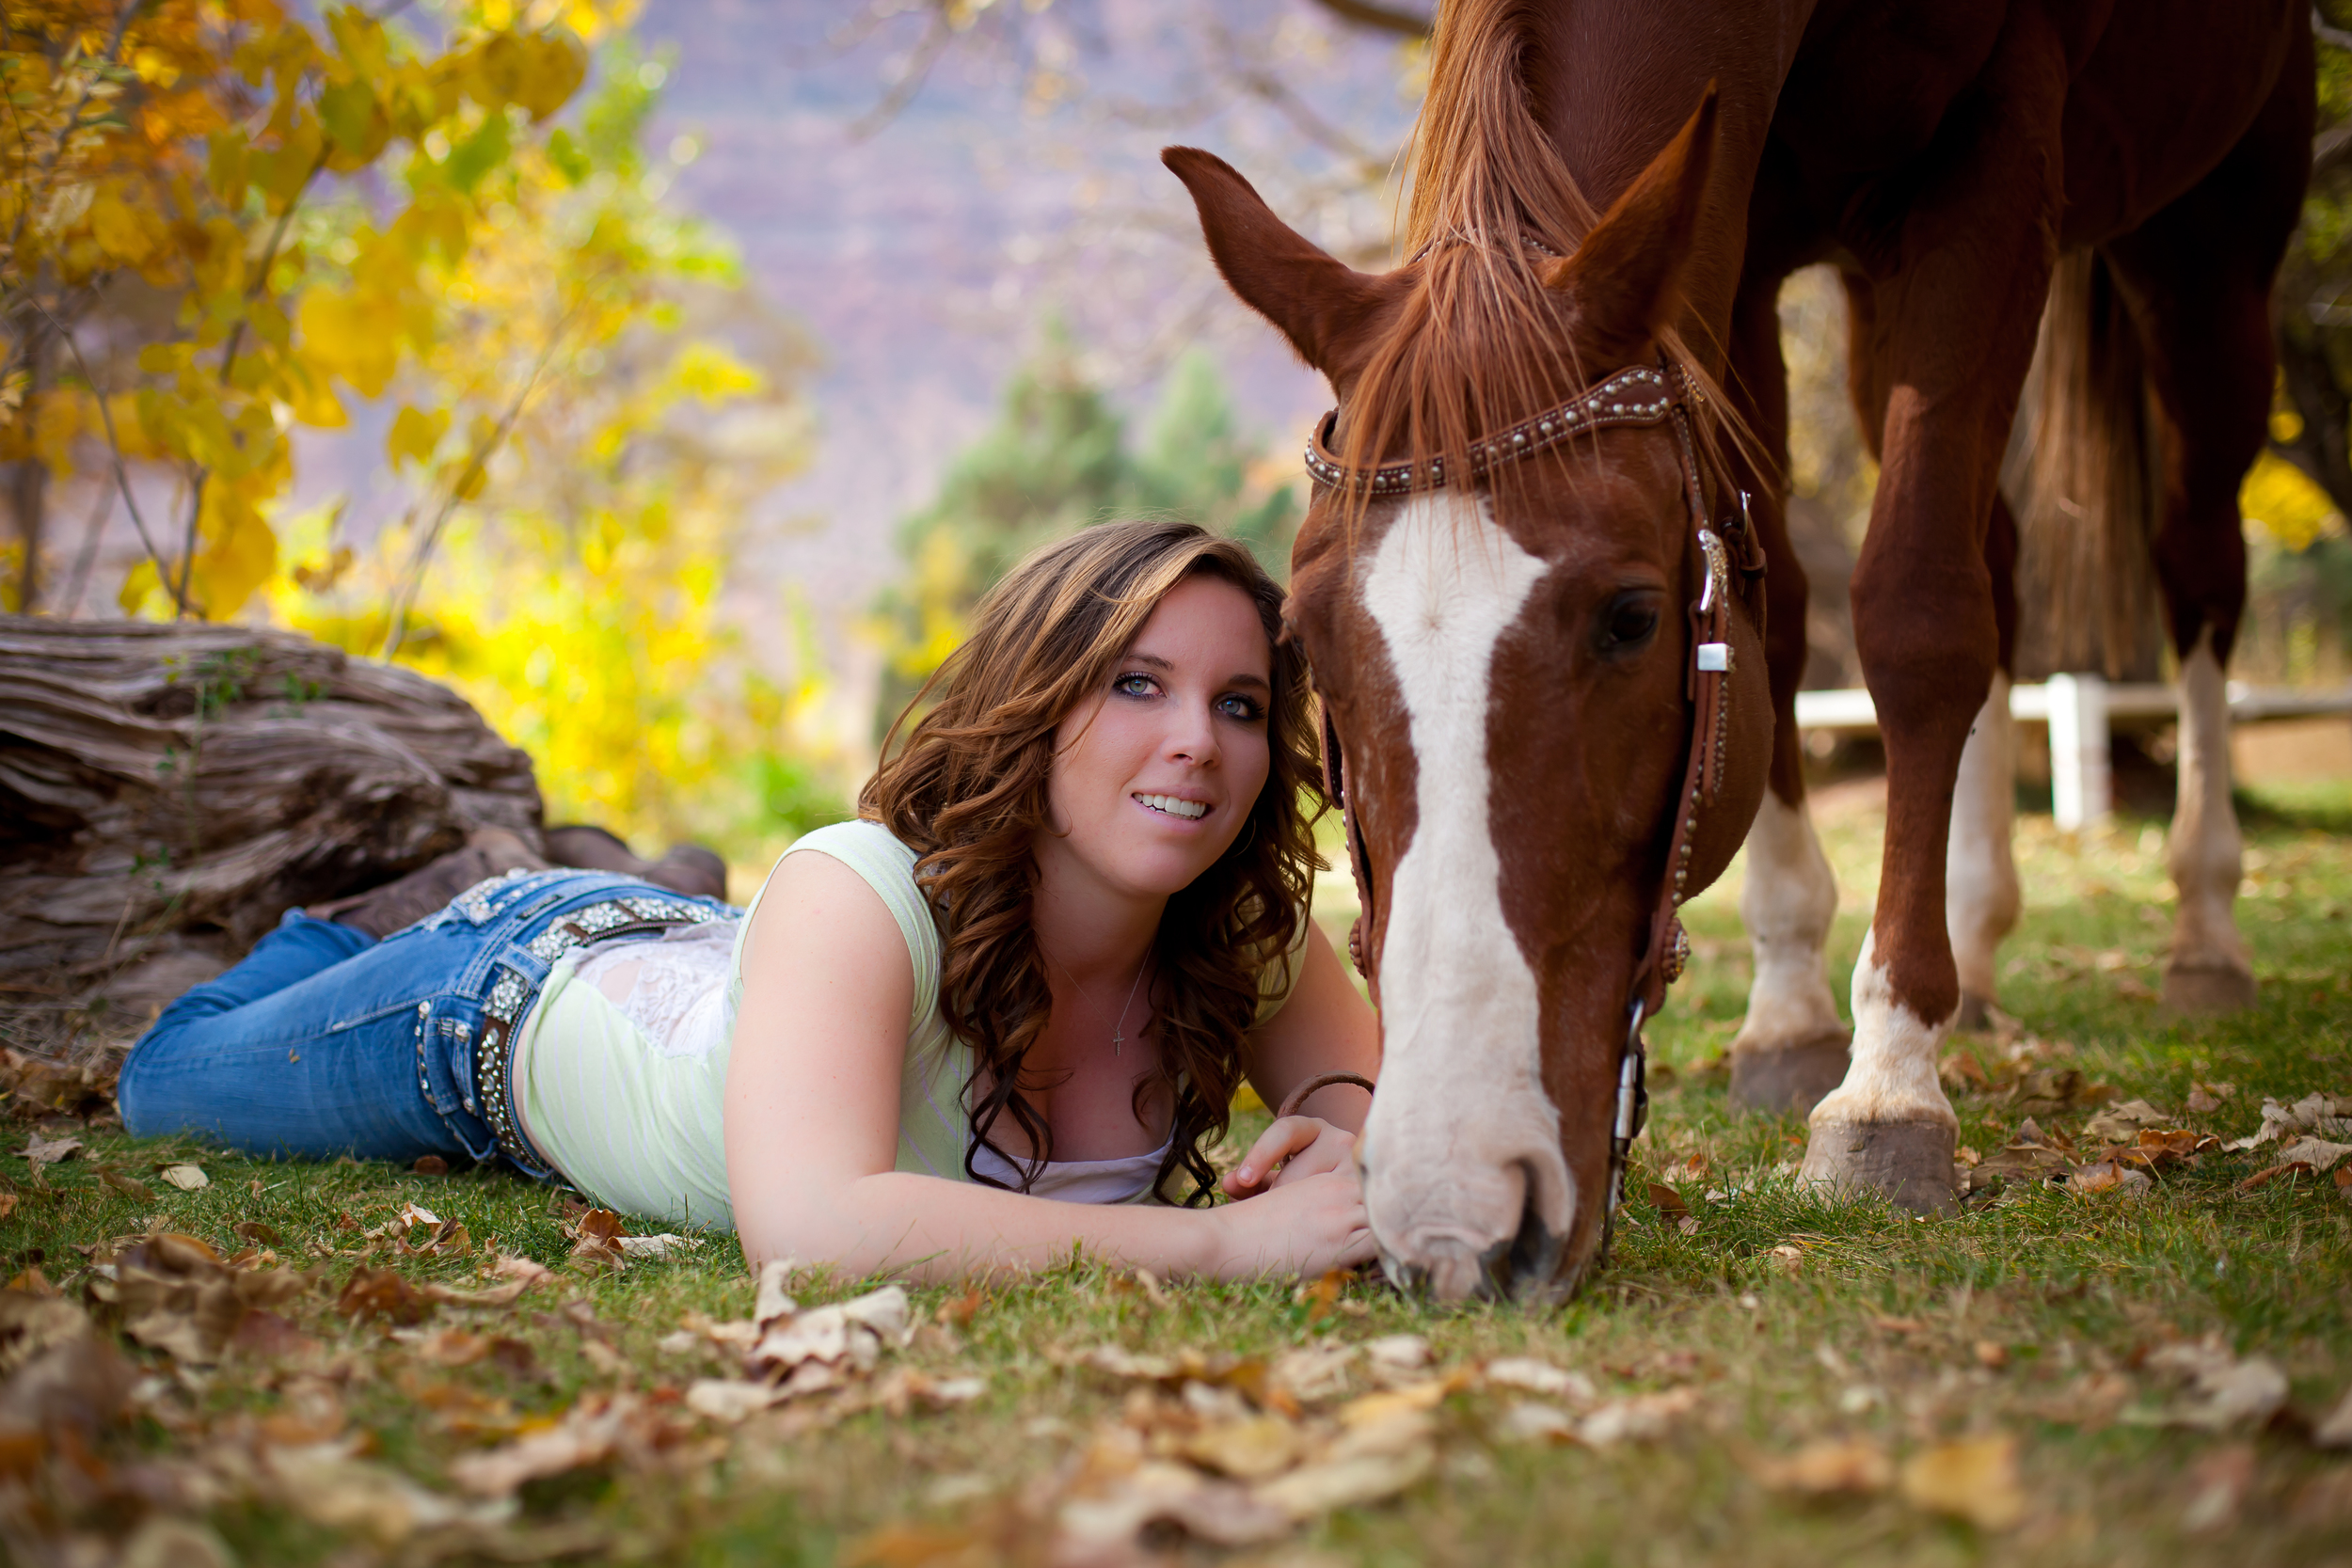 Amber Harris class of 2014 Grand County High School -Photographer: Jessiqua Zufelt